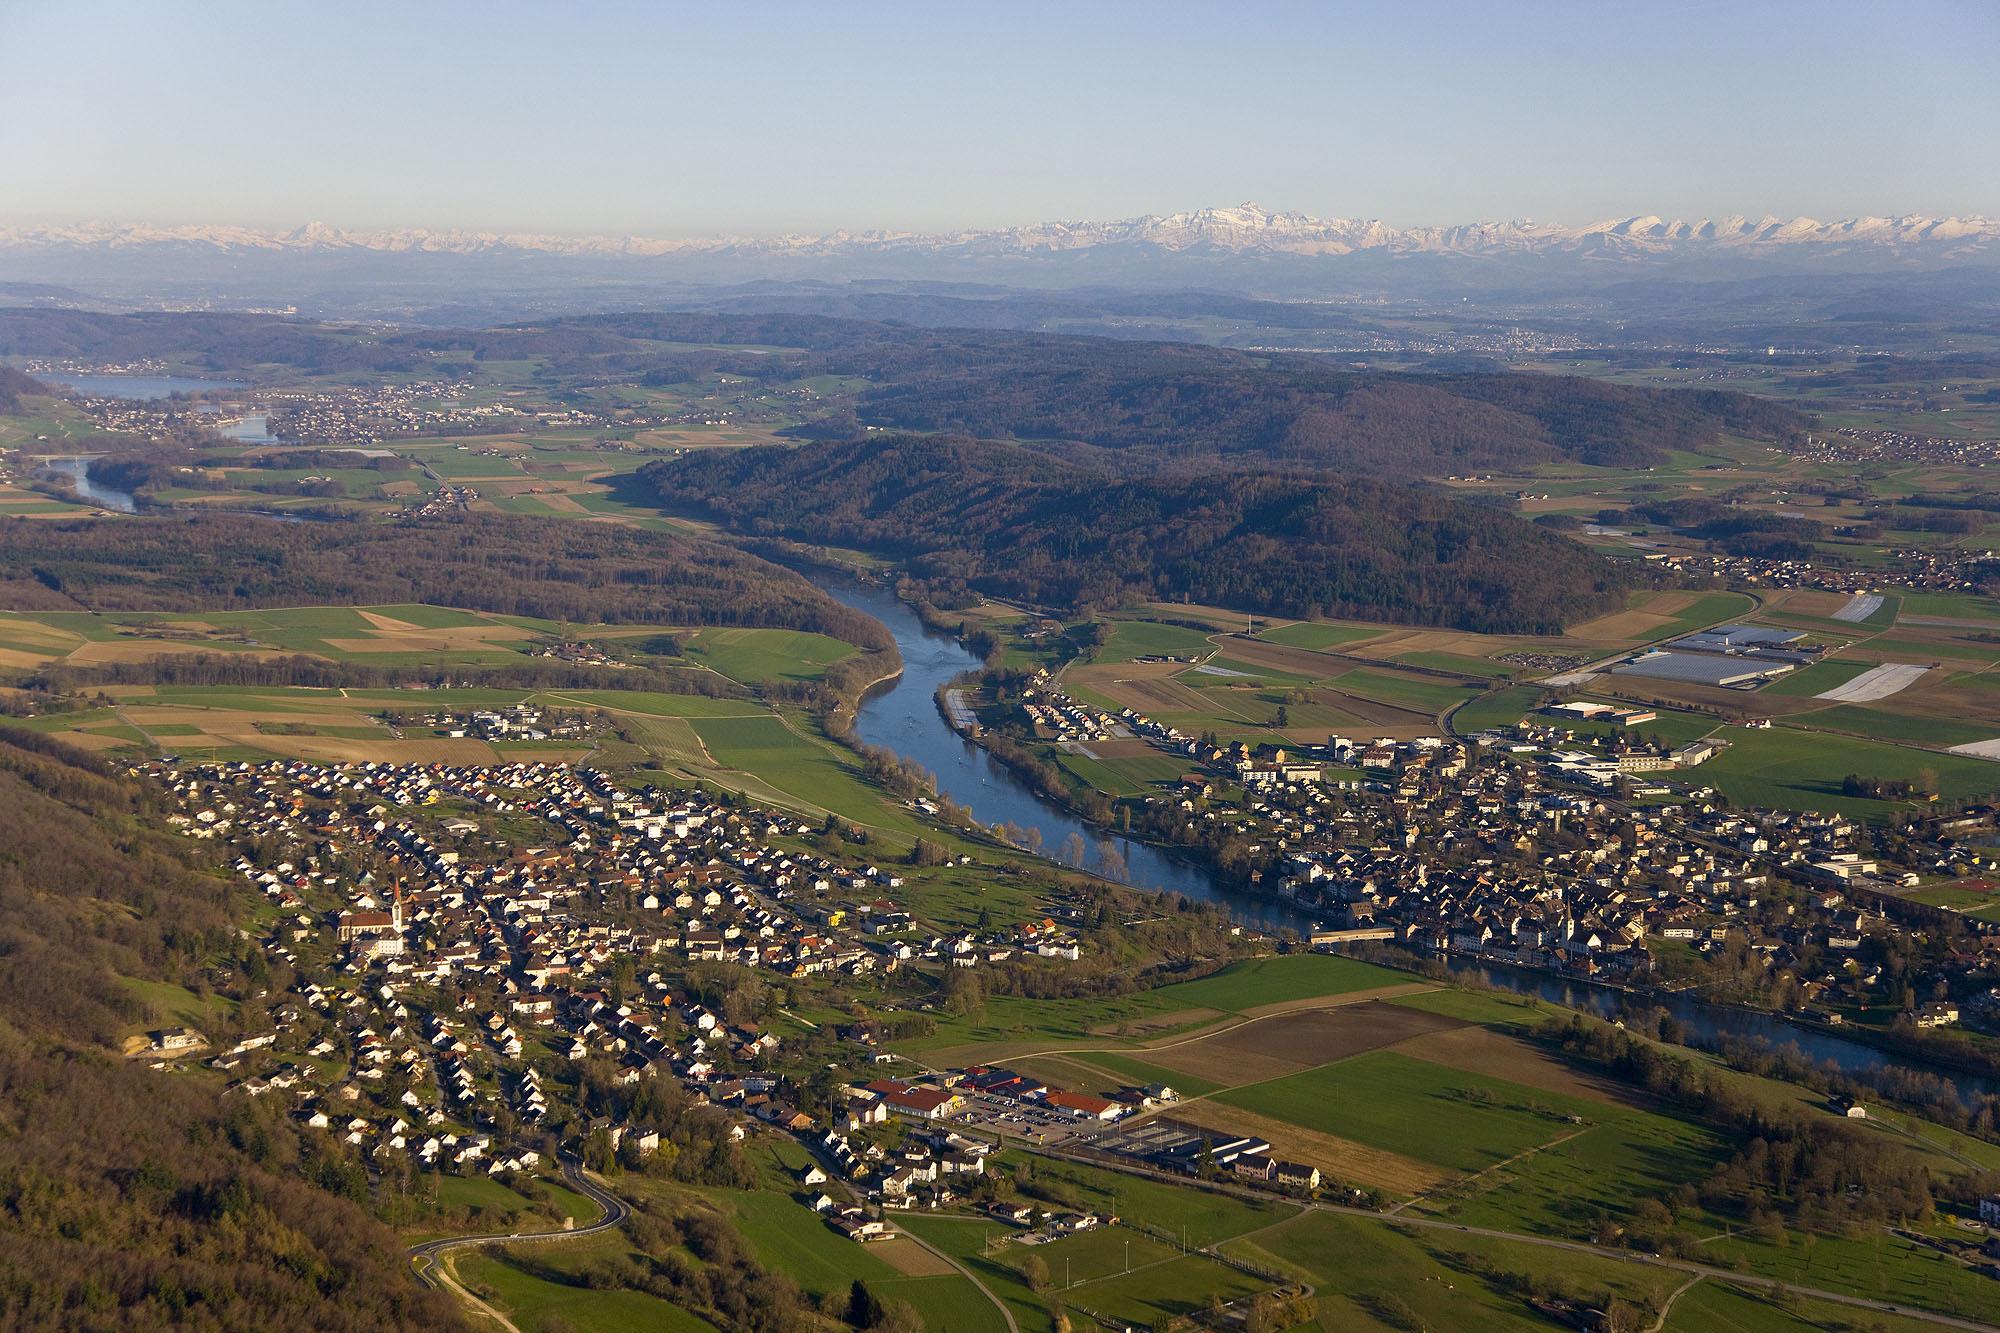 Blick auf Gailingen am Hochrhein und Alpenkette